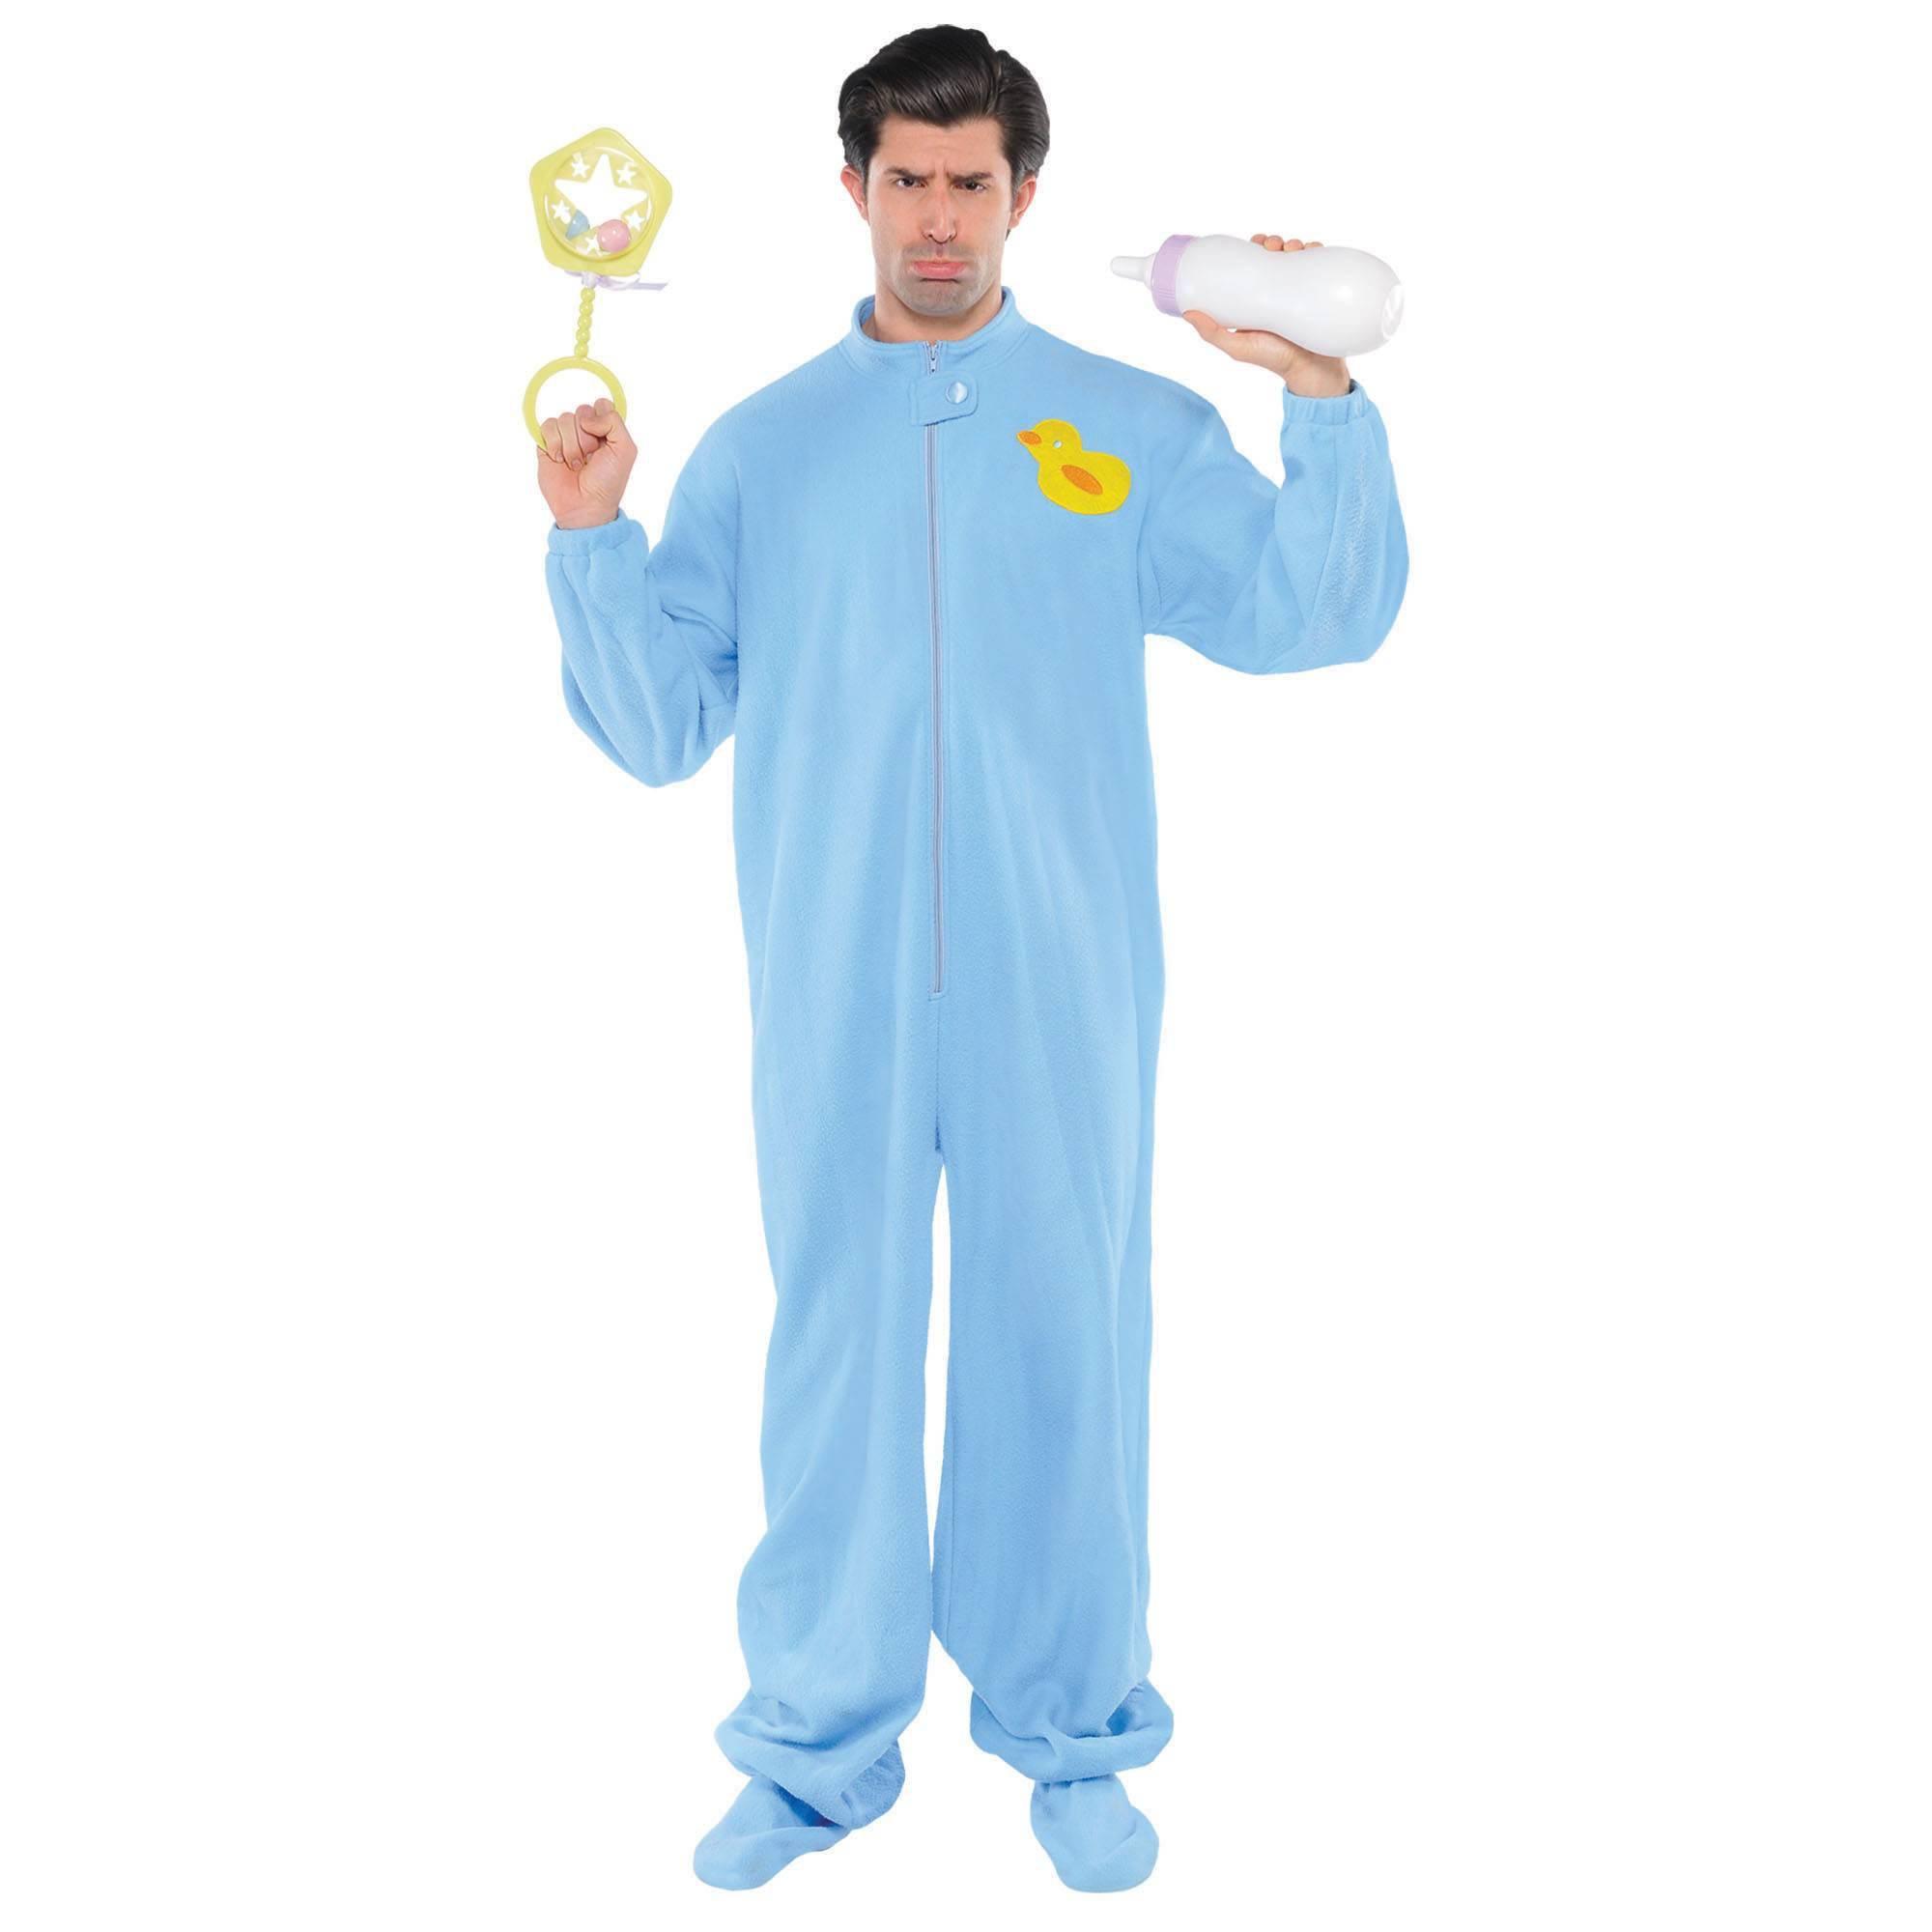 Halloween Adult Big Baby Halloween Costume One Size, Adult ...